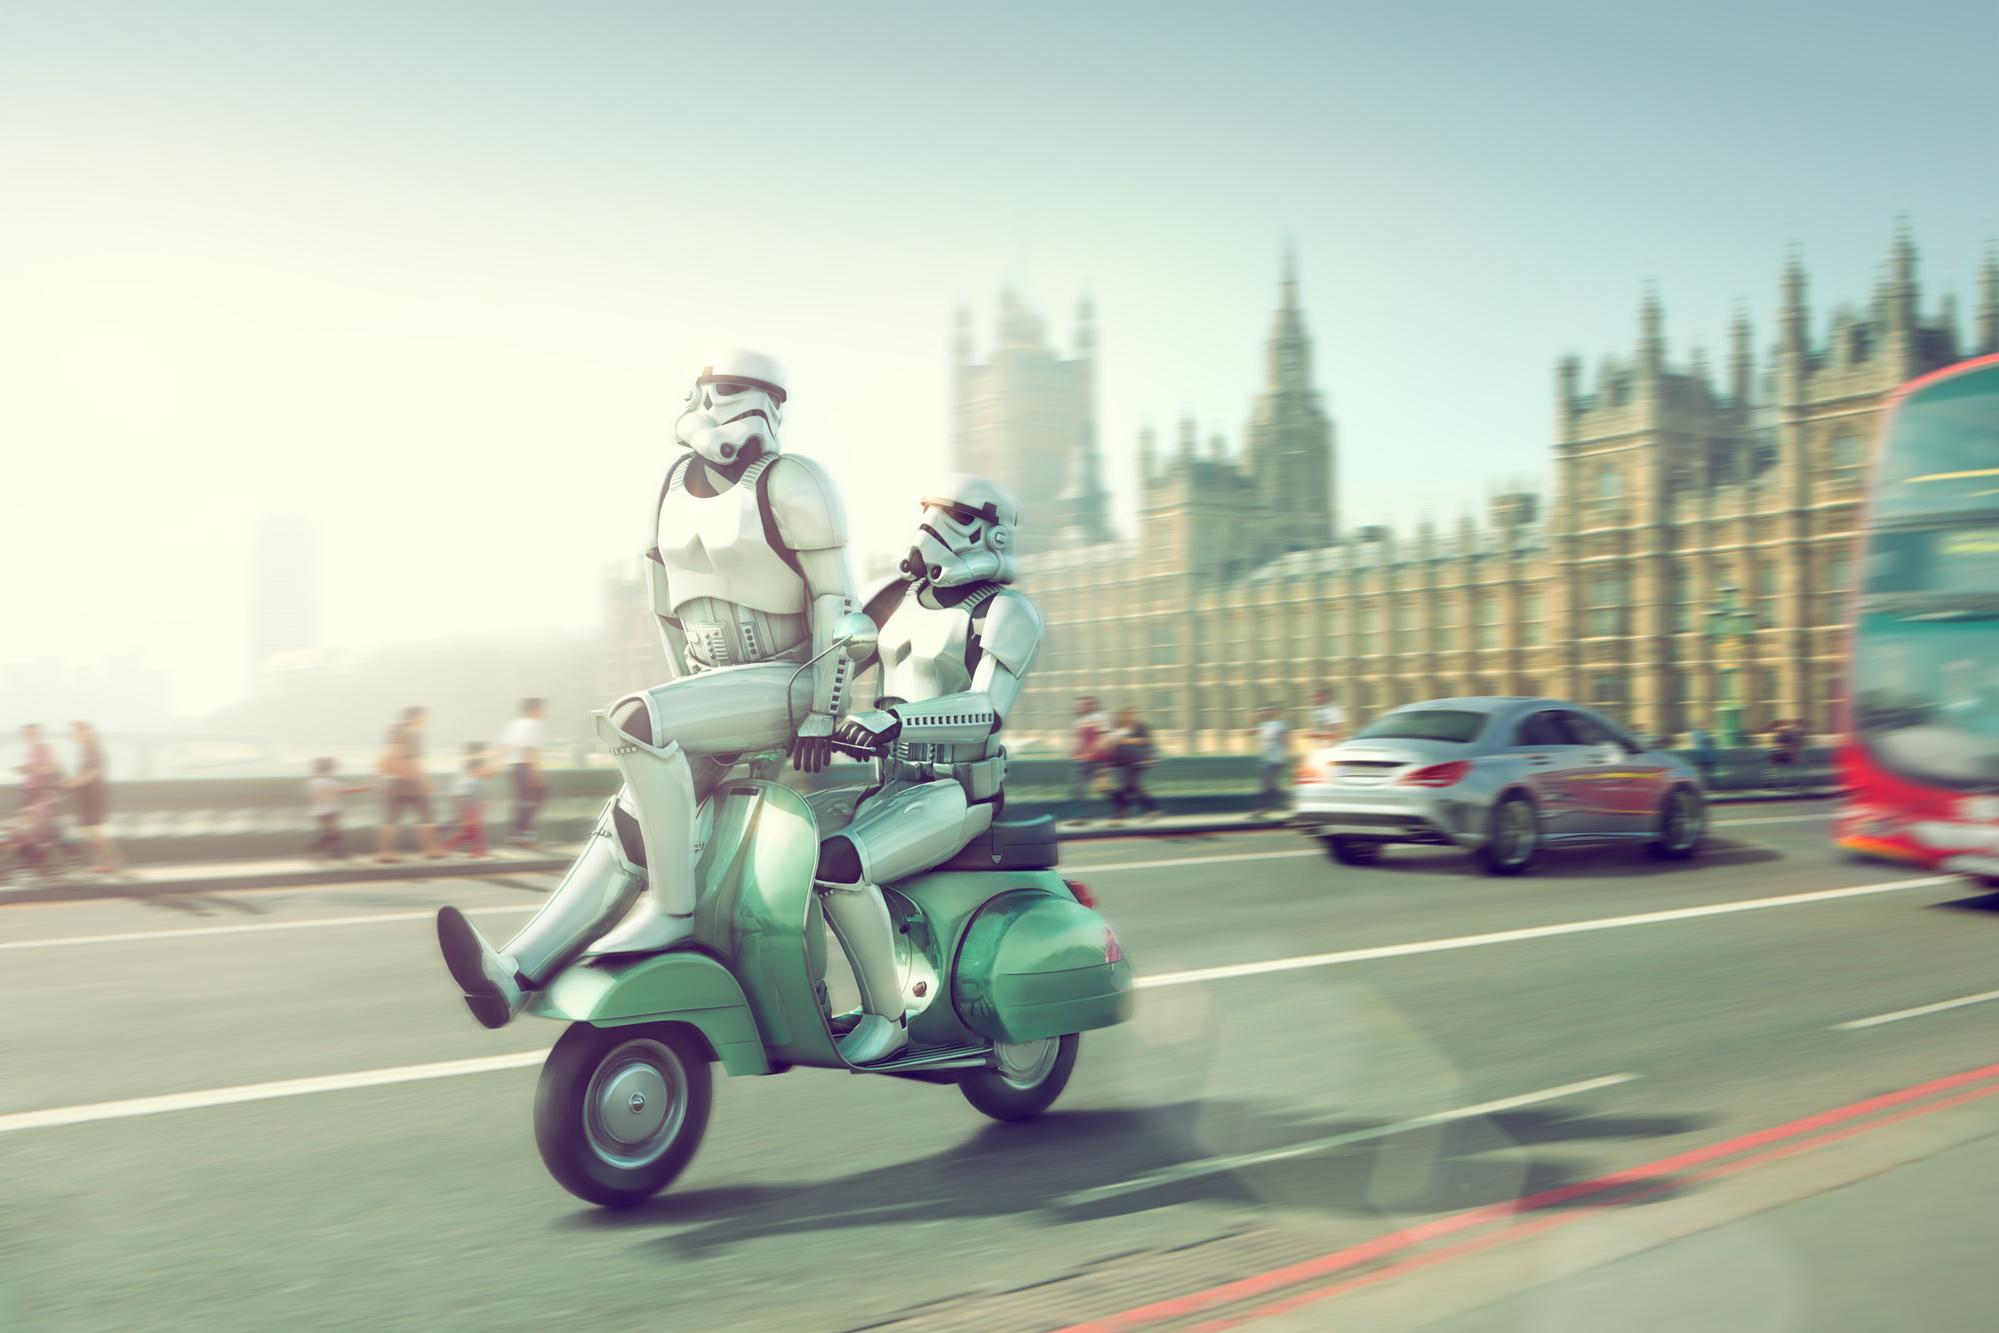 Chris Clor robots riding a vesta in London